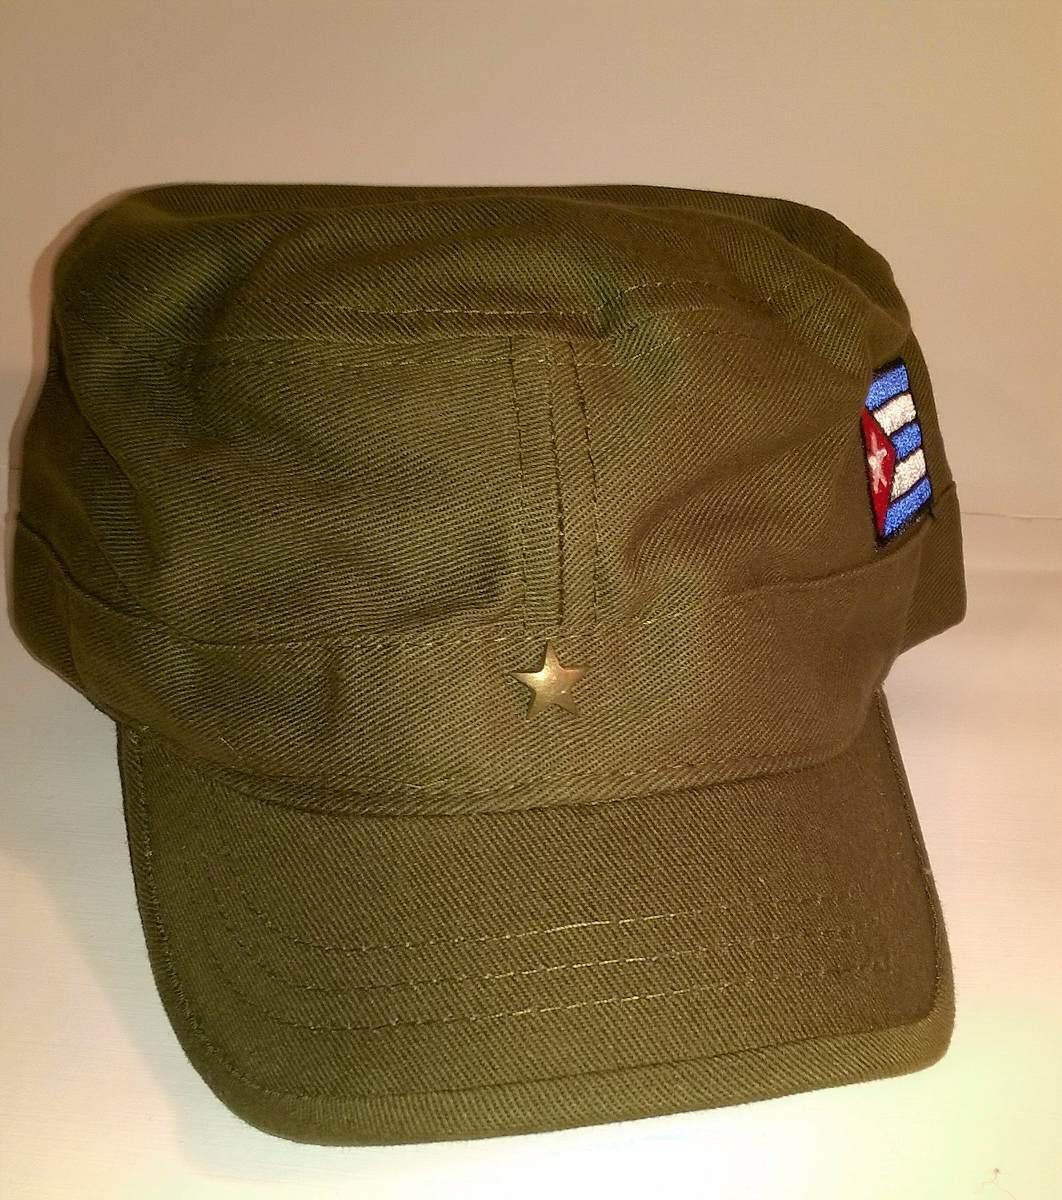 gorra vera navarro modelo militar guevara bandera cuba verde. Cargando zoom. 659c564830c